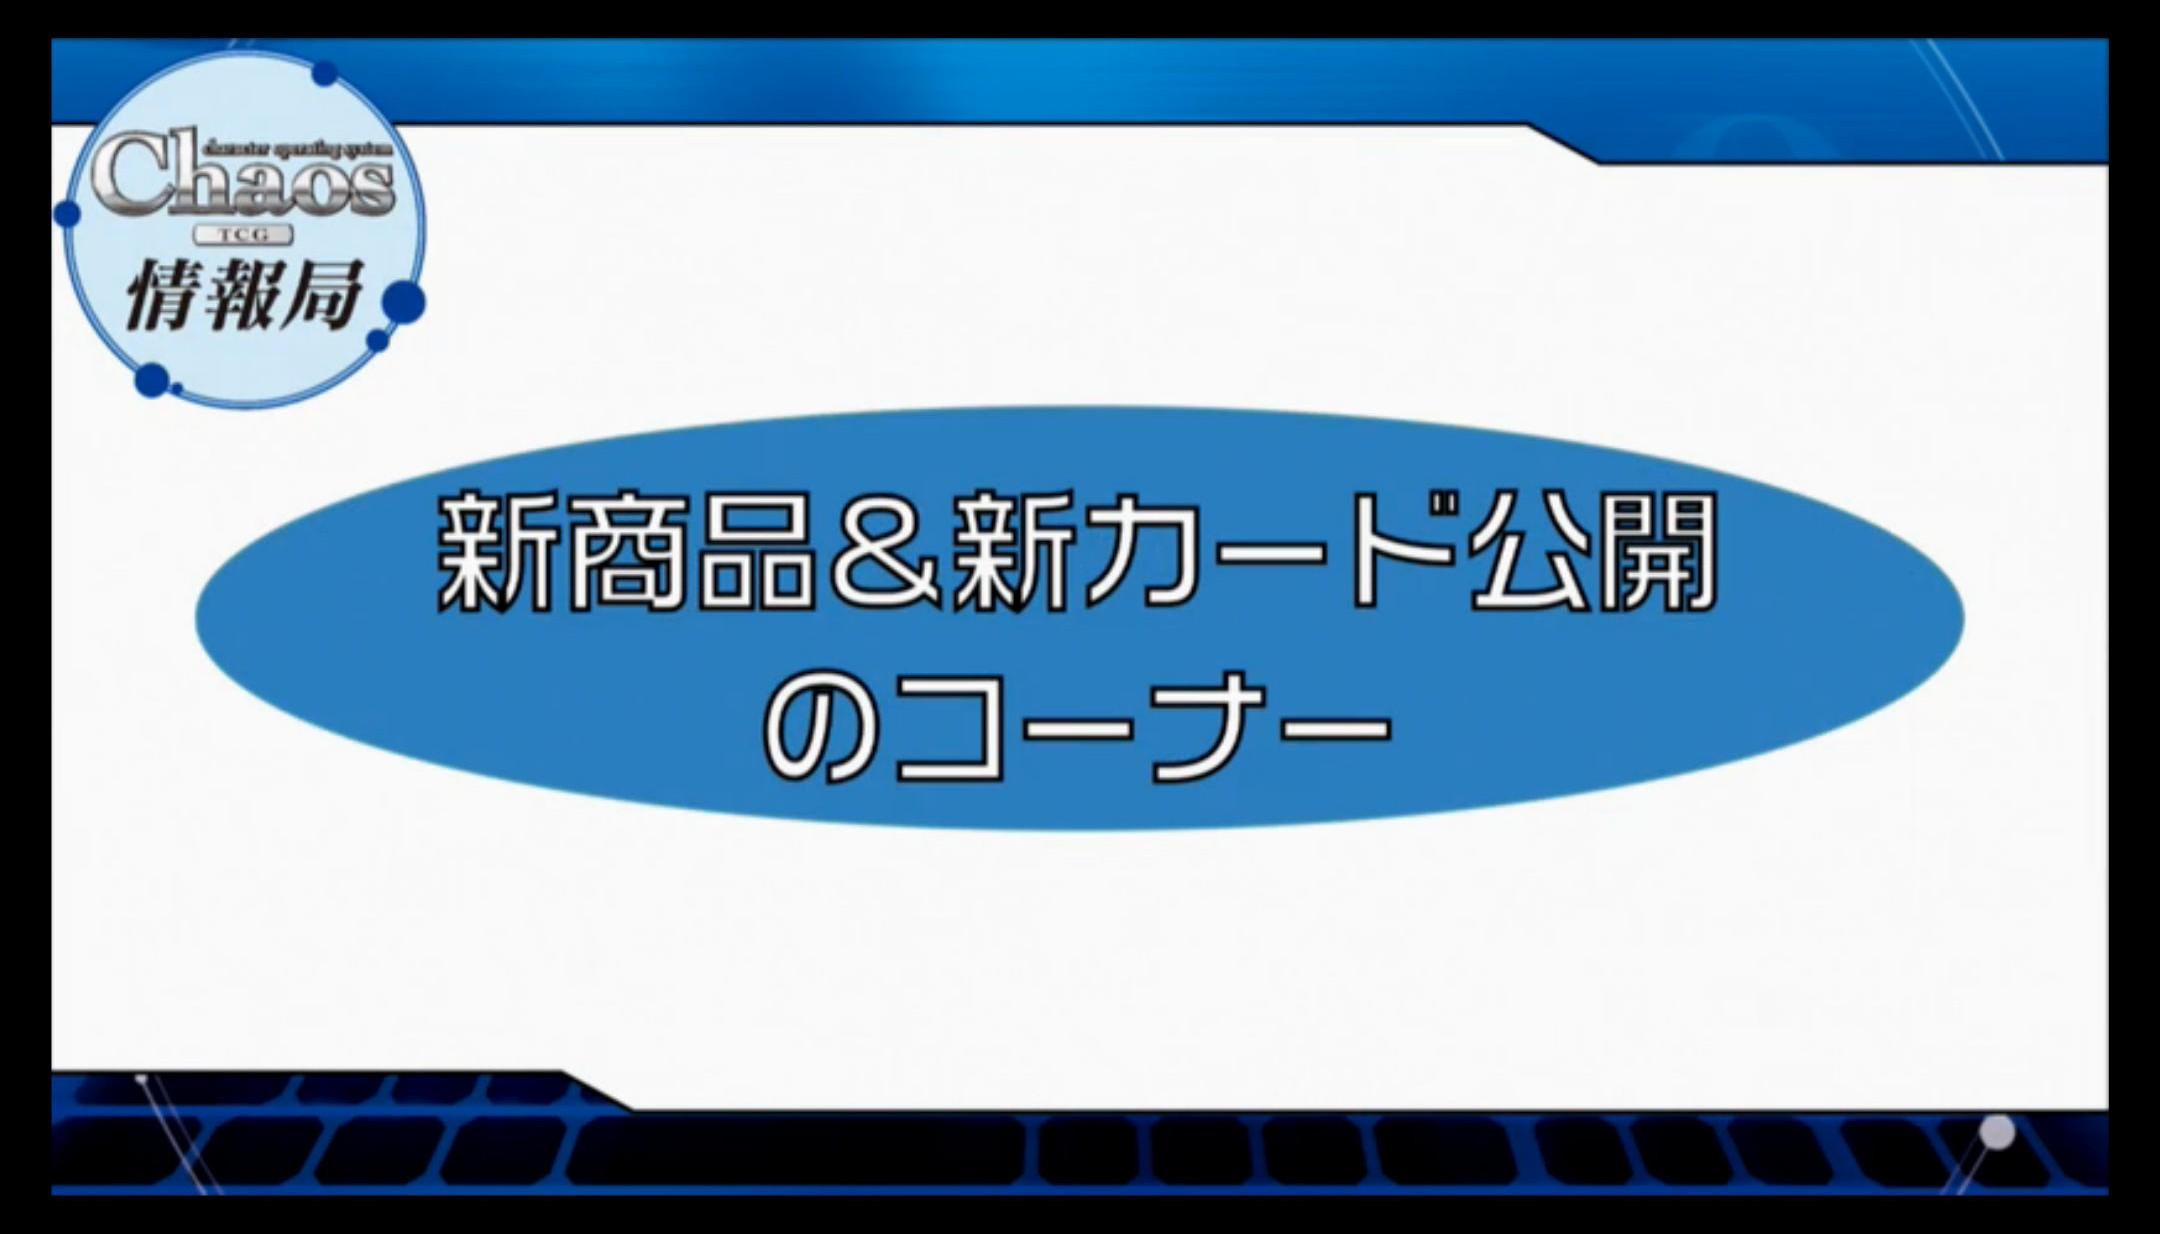 bshi-live-170601-001.jpg